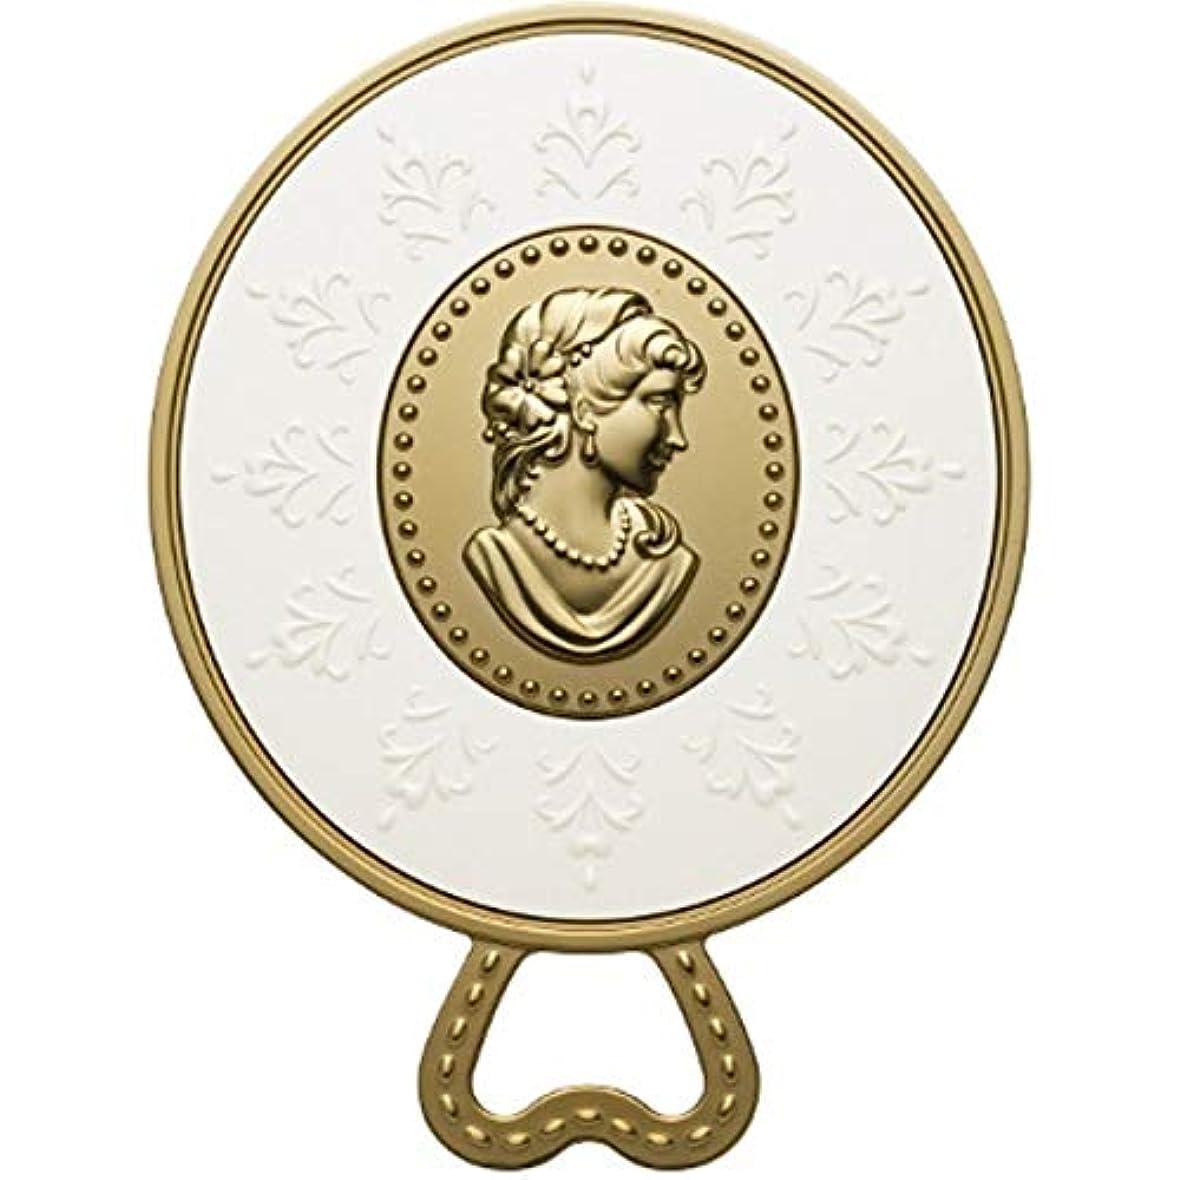 マイコン掃く宇宙飛行士(レ?メルヴェイユーズ ラデュレ) Les Merveilleuses LADUREE ラデュレ ハンドミラー 鏡 カメオ アンティーク調 ゴールド 金 ブランド